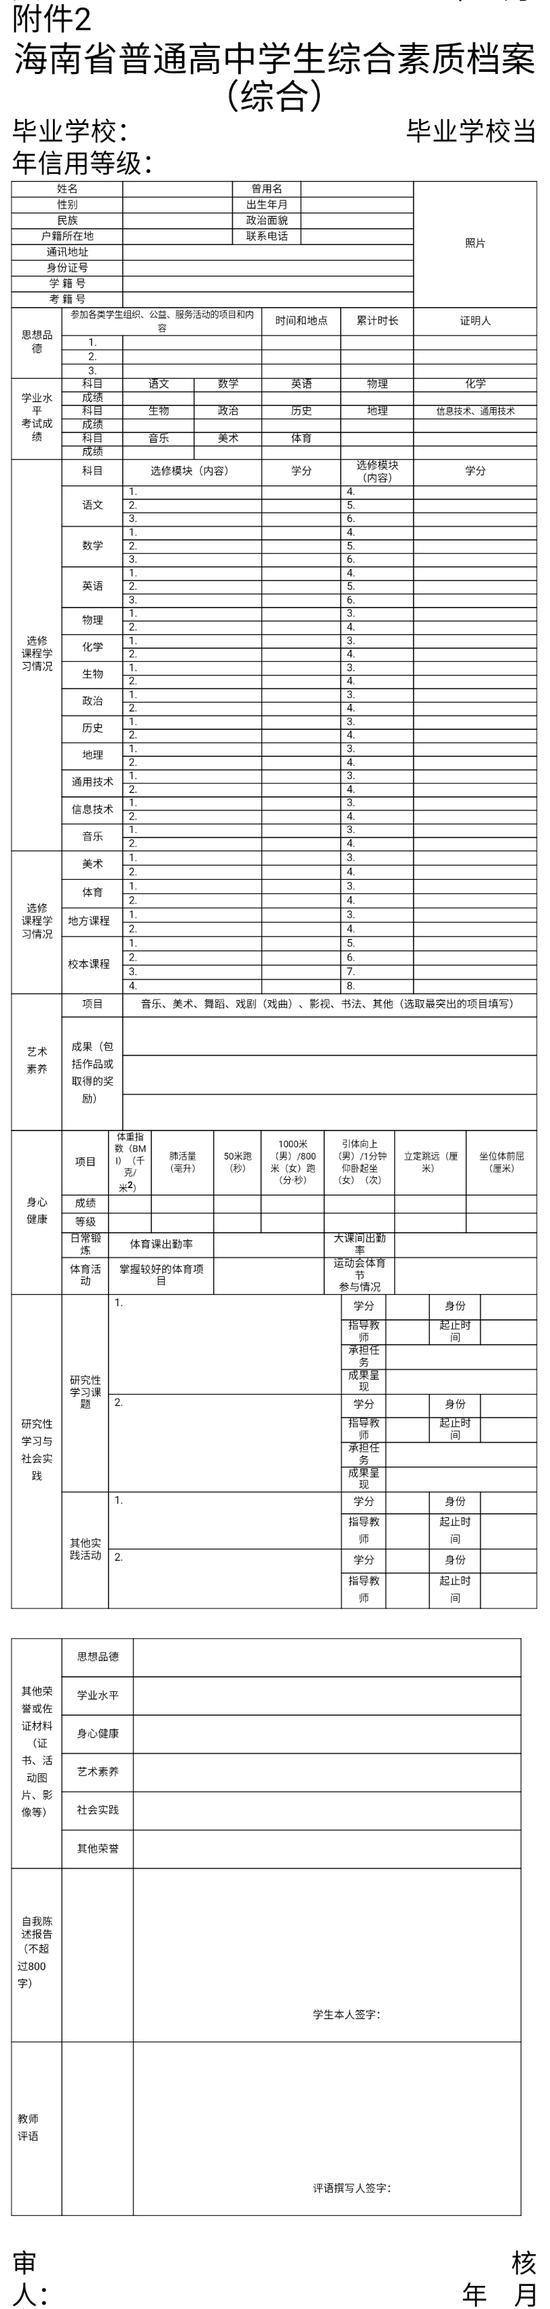 海南省完善普通高中学生综合素质评价实施办法